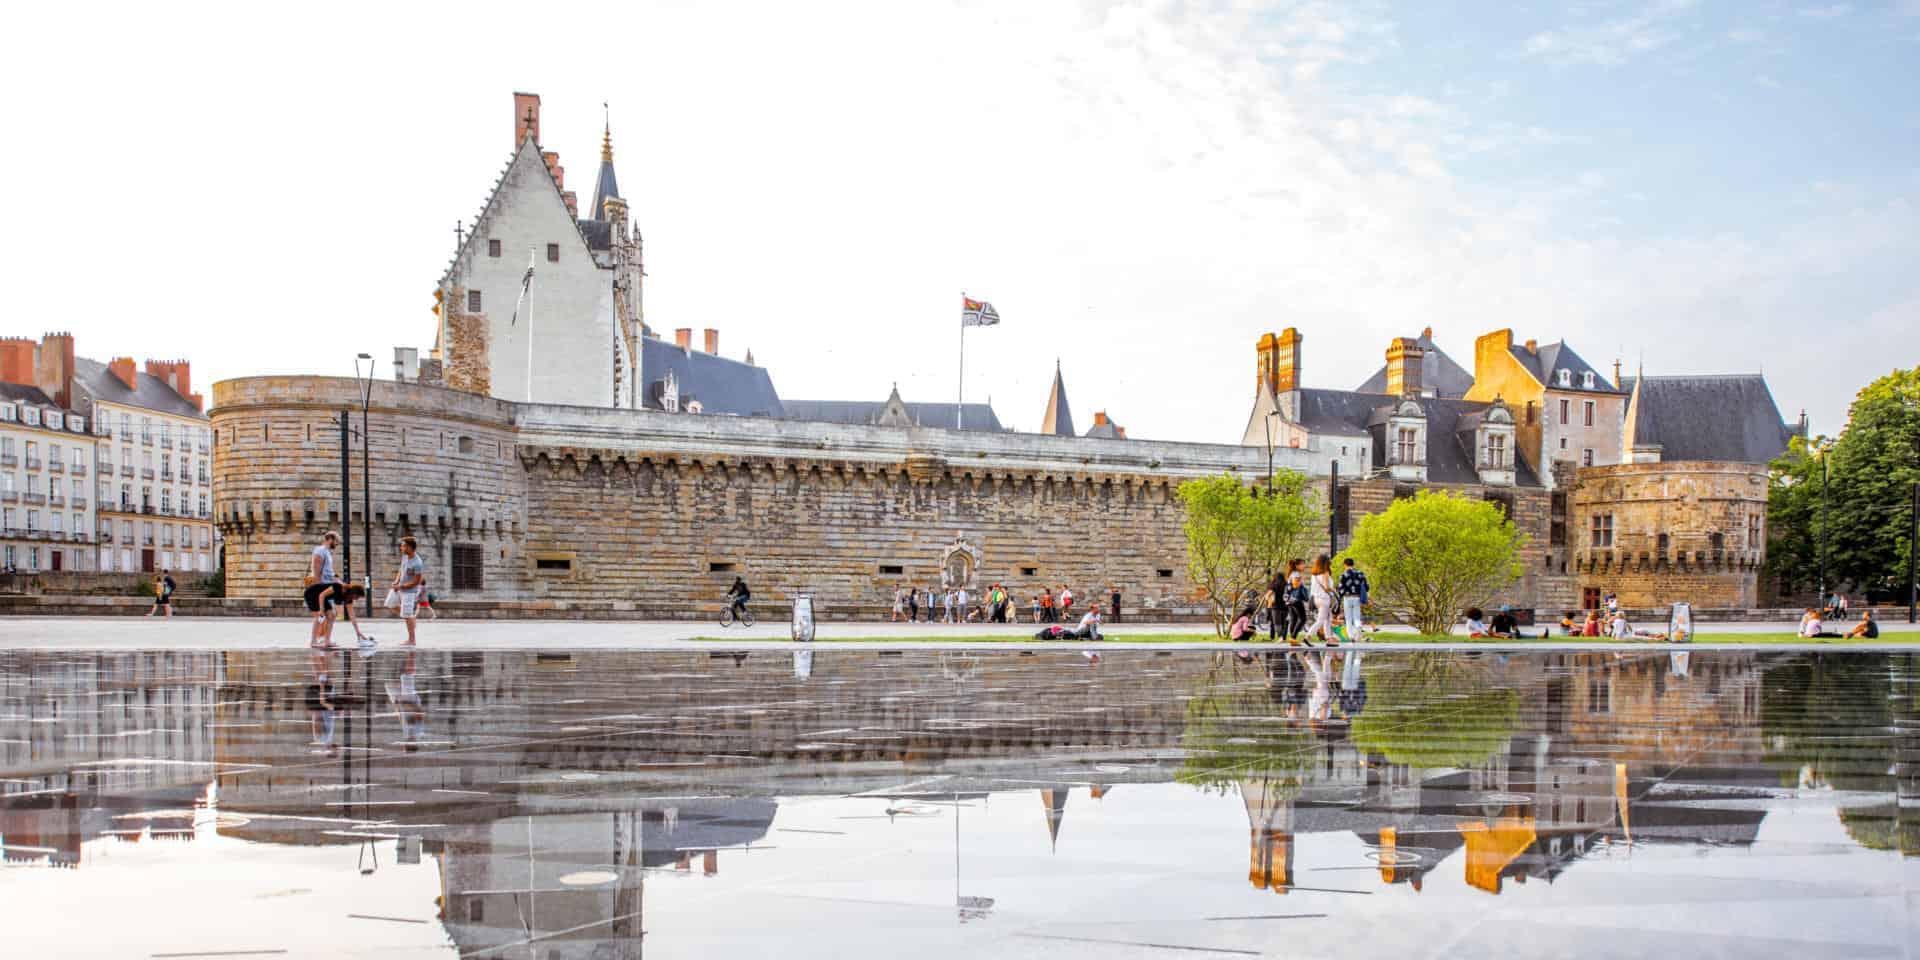 bilan orientation scolaire a nantes 1 - Bilan orientation scolaire à Nantes